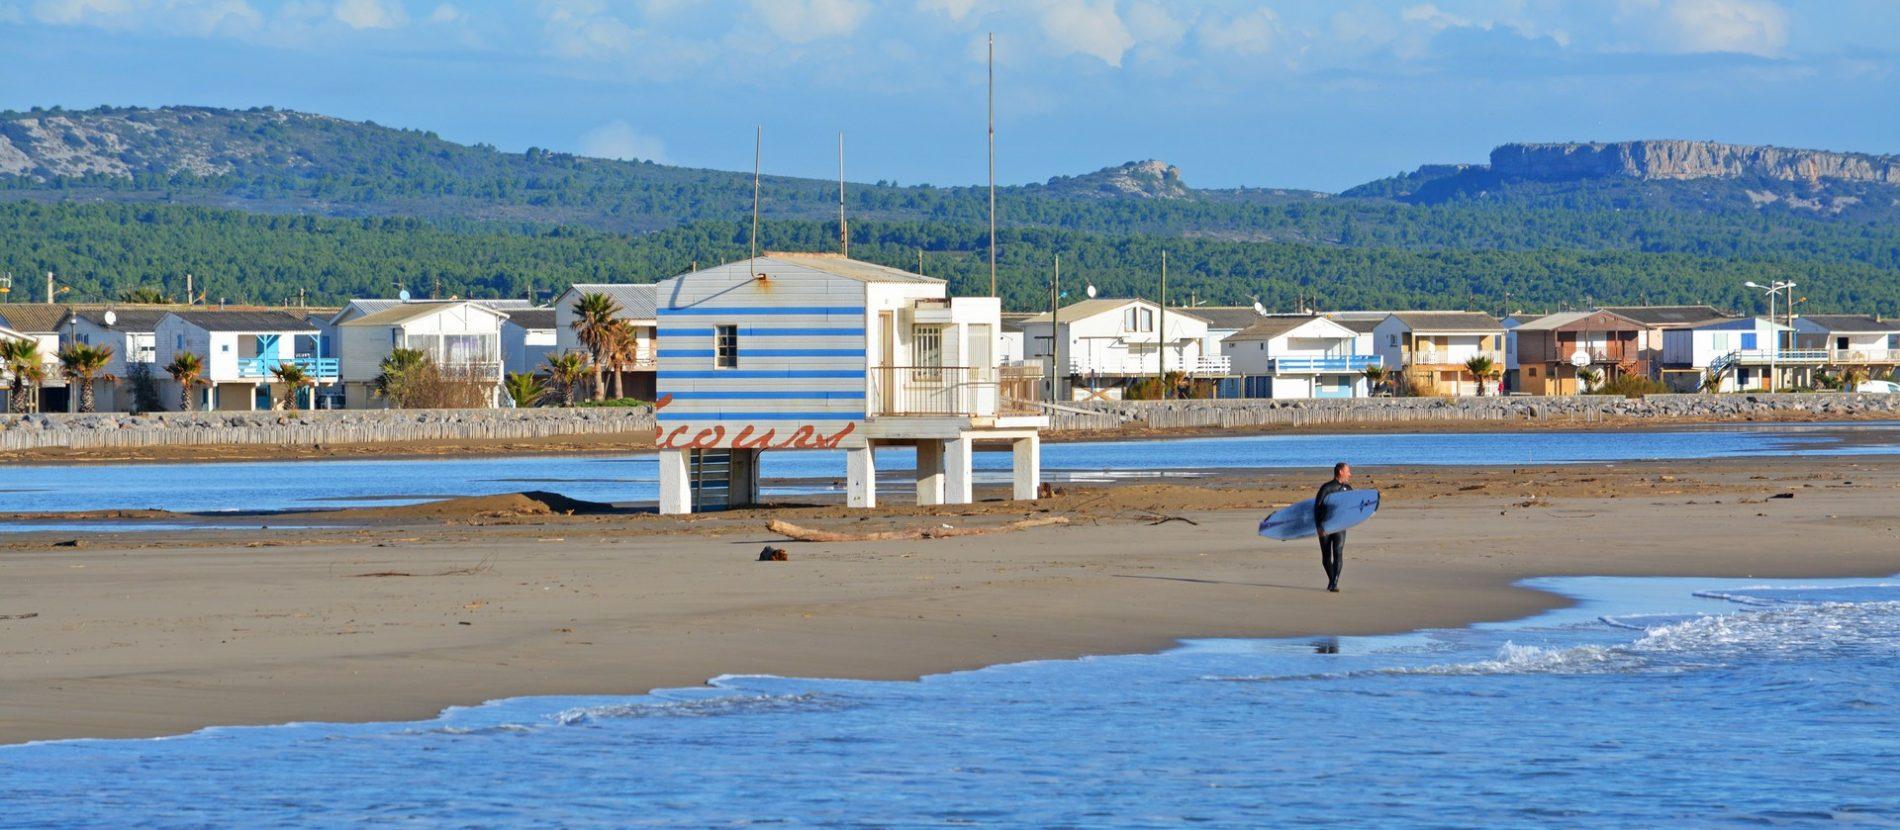 Gruissan, la plage et ses chalets © Nathalie Bois-ADT de l'Aude